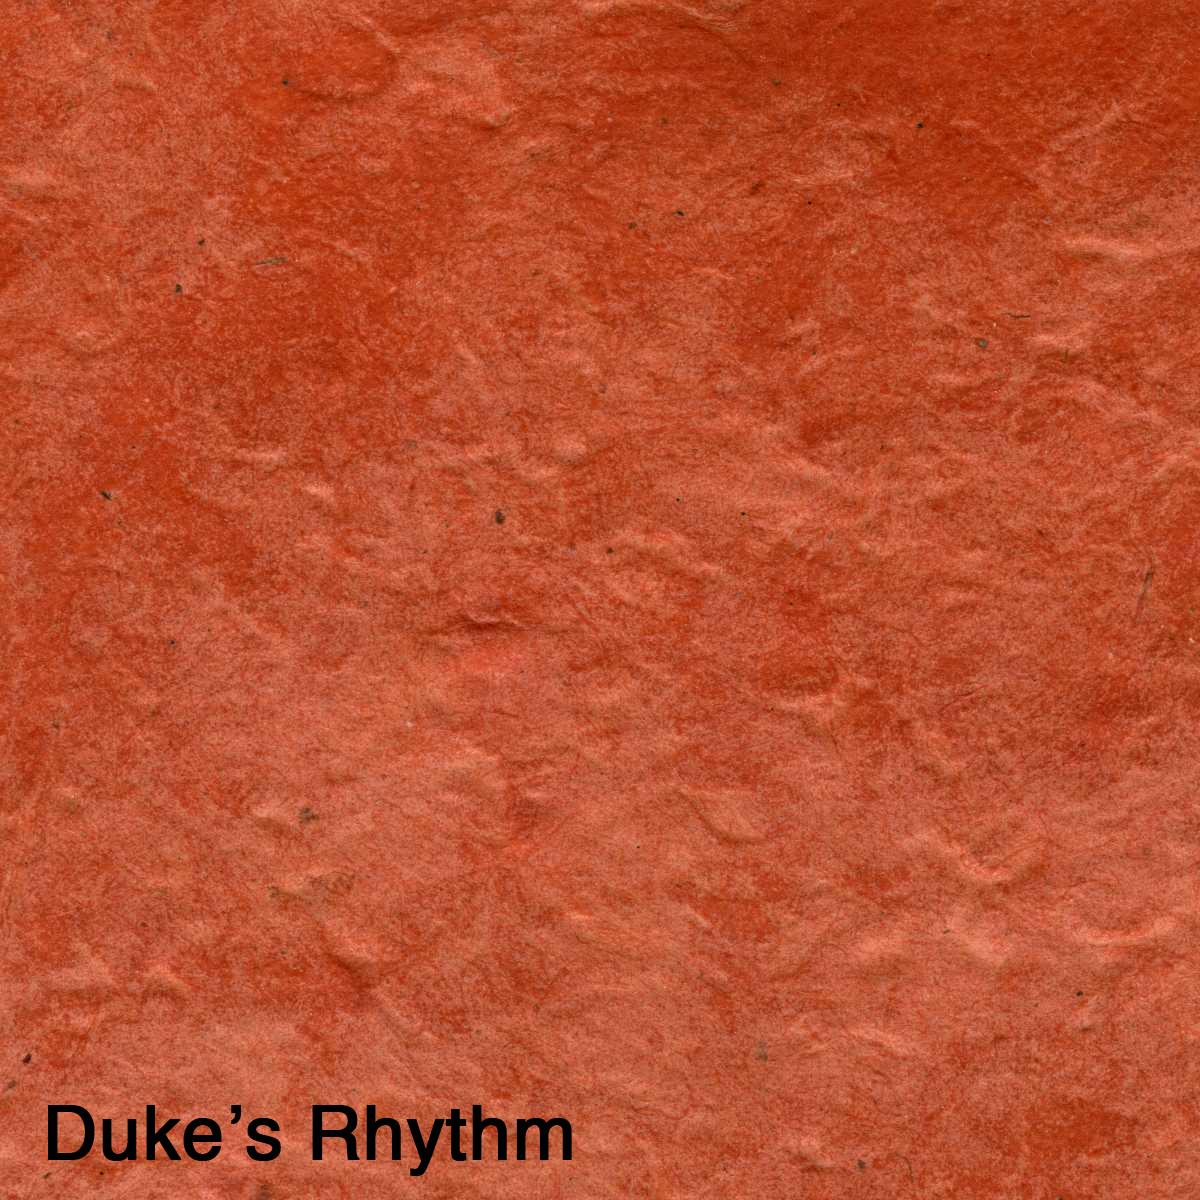 Duke's Rhythm.jpg